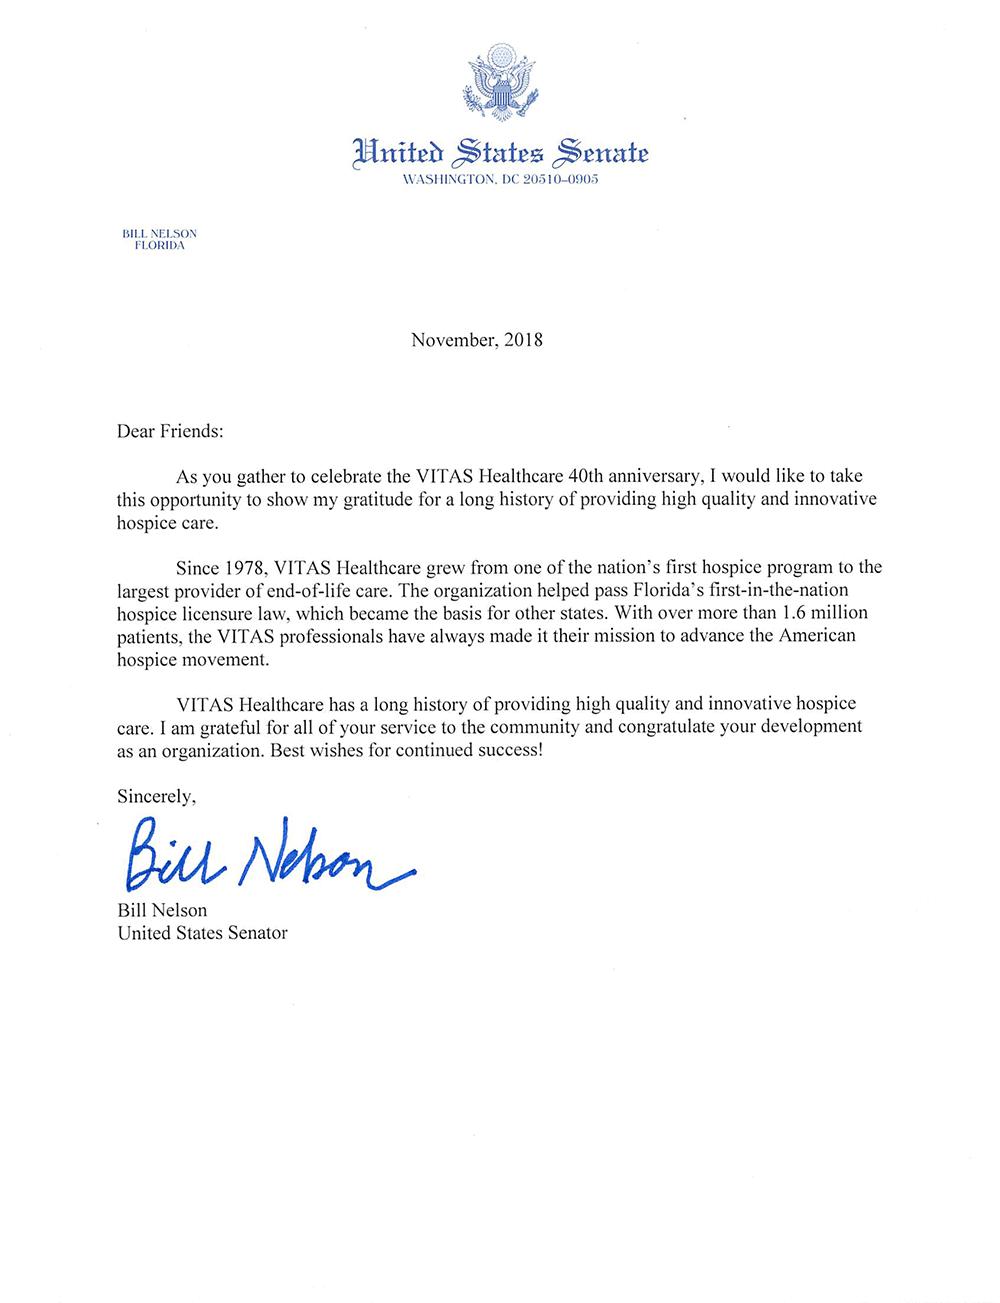 Thư gửi VITAS từ Thượng nghị sĩ Hoa Kỳ Bill Nelson